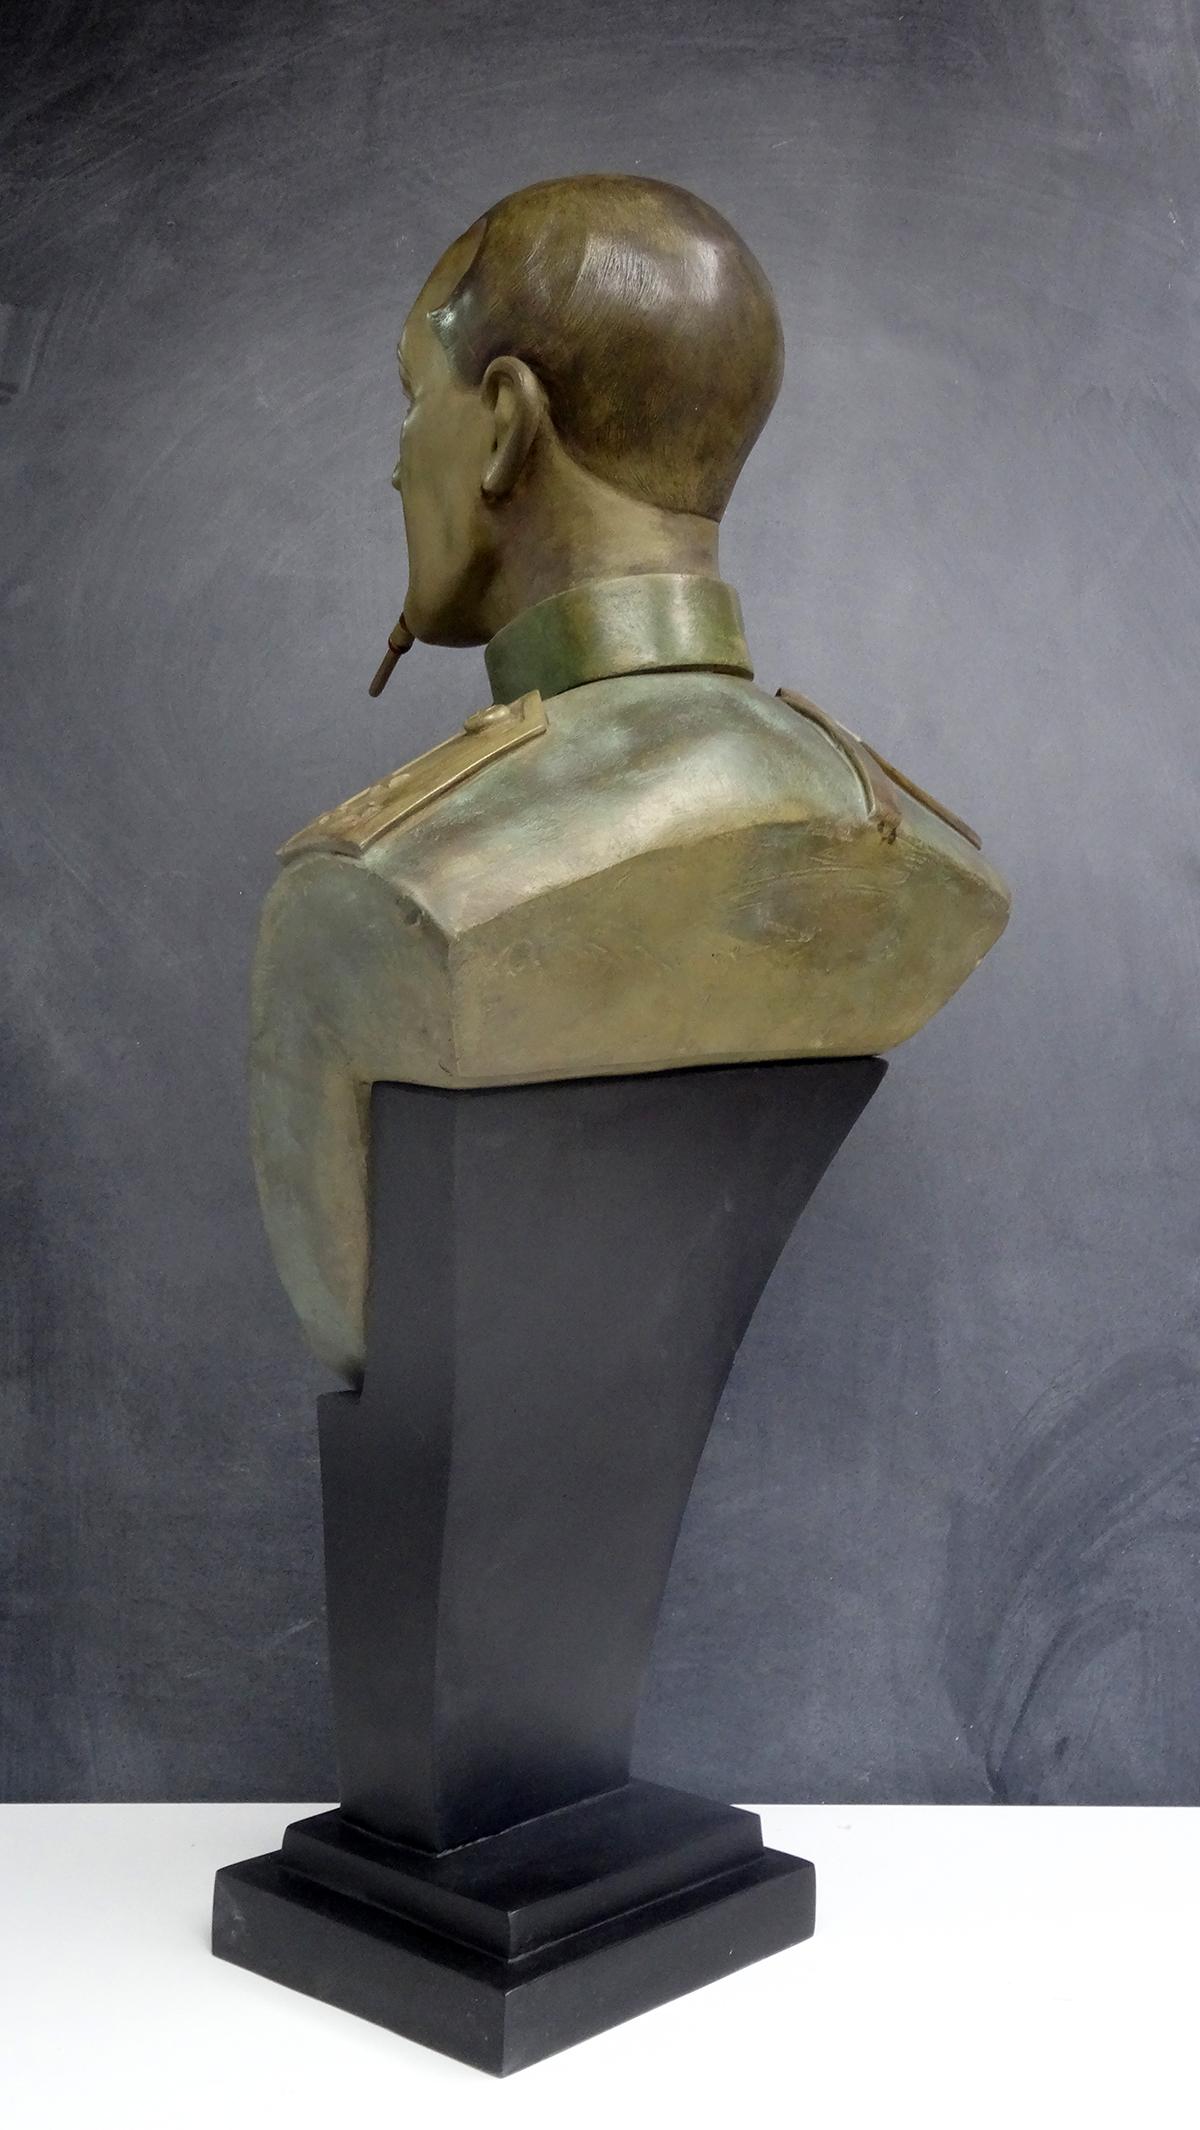 Olrik - bronze composite